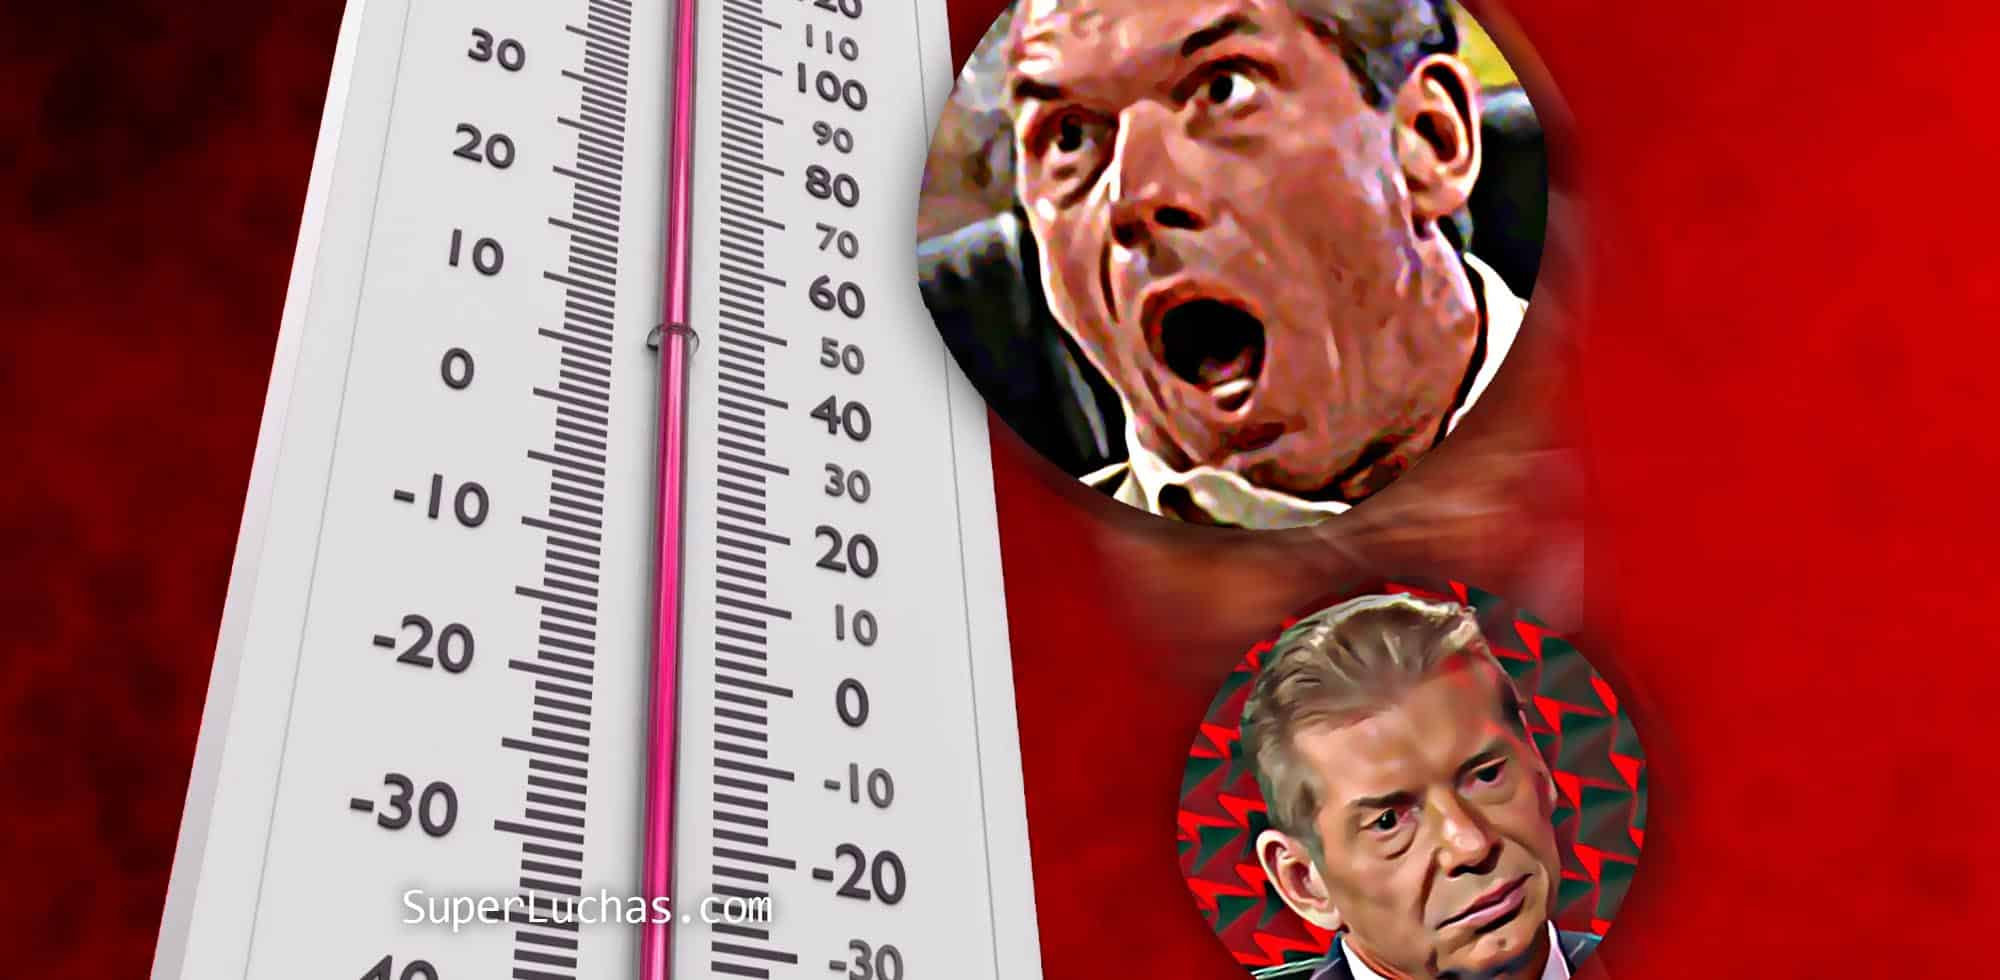 Vince'ometro: los ganadores del Royal Rumble en la última década 1